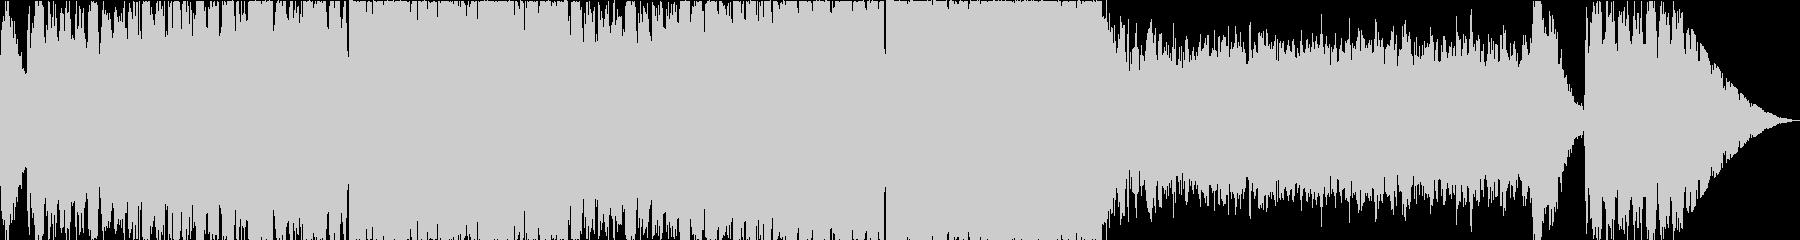 強敵との遭遇2の未再生の波形